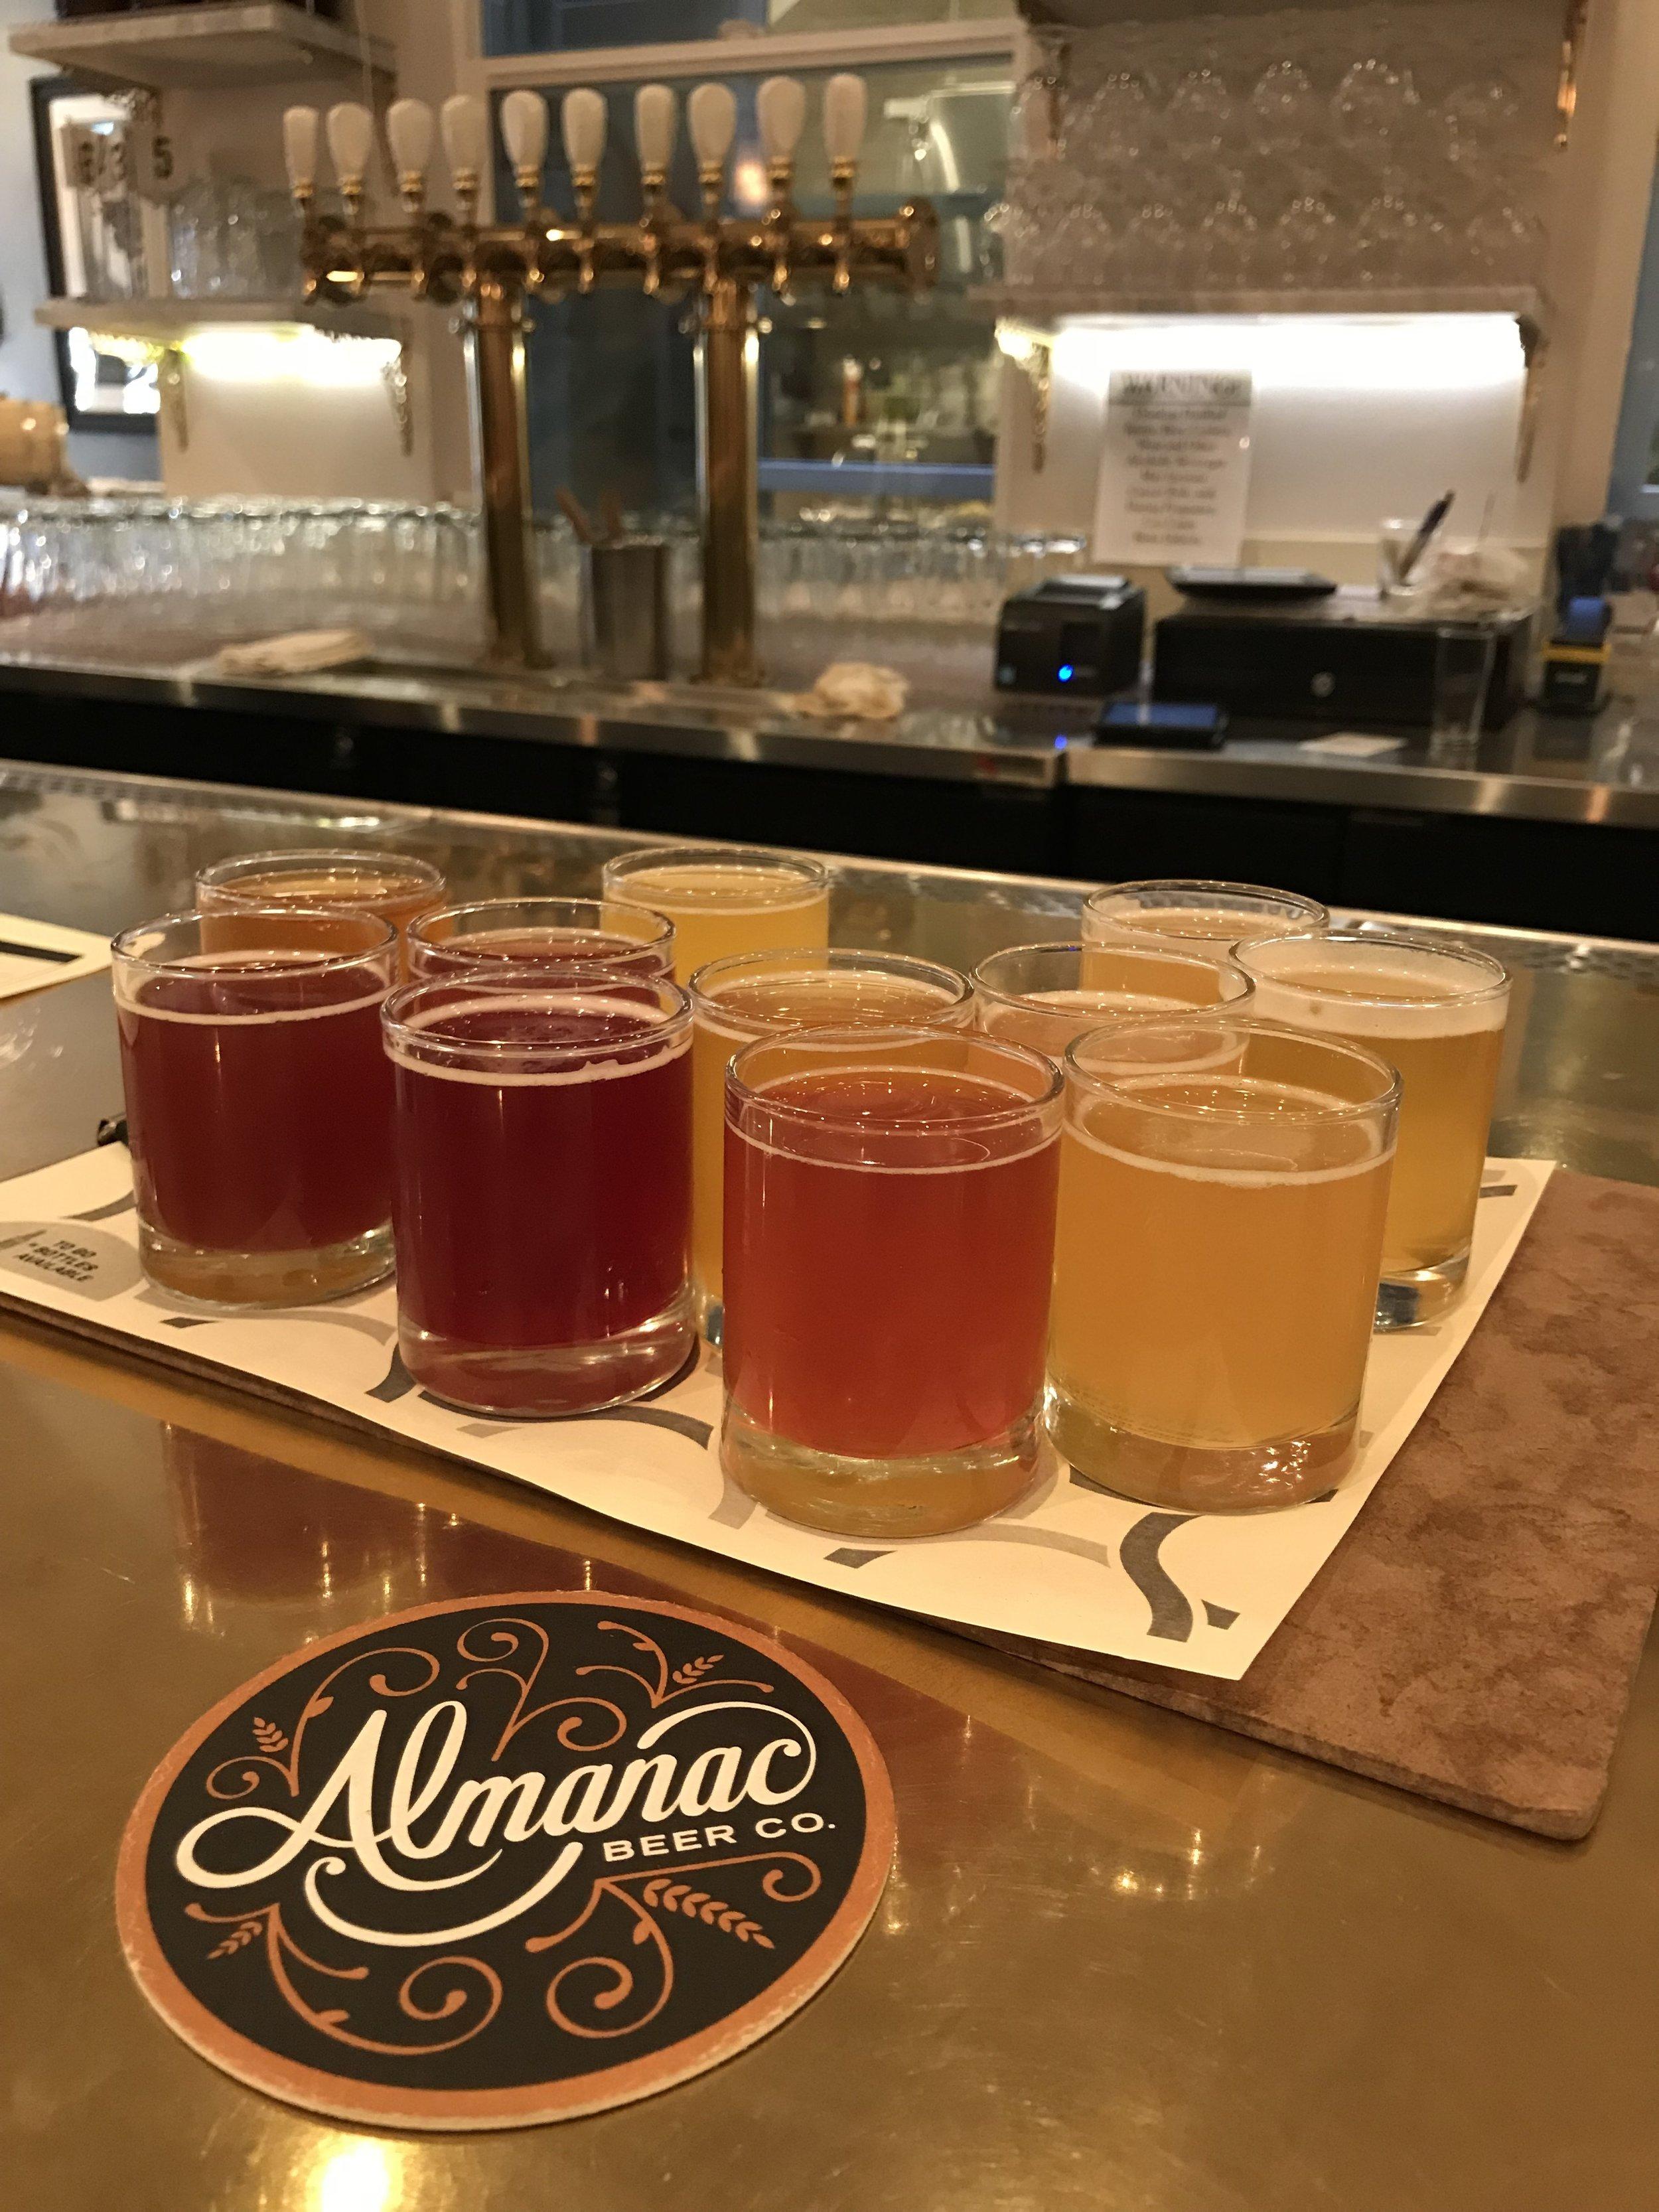 Almanac Beer Tasting.jpg